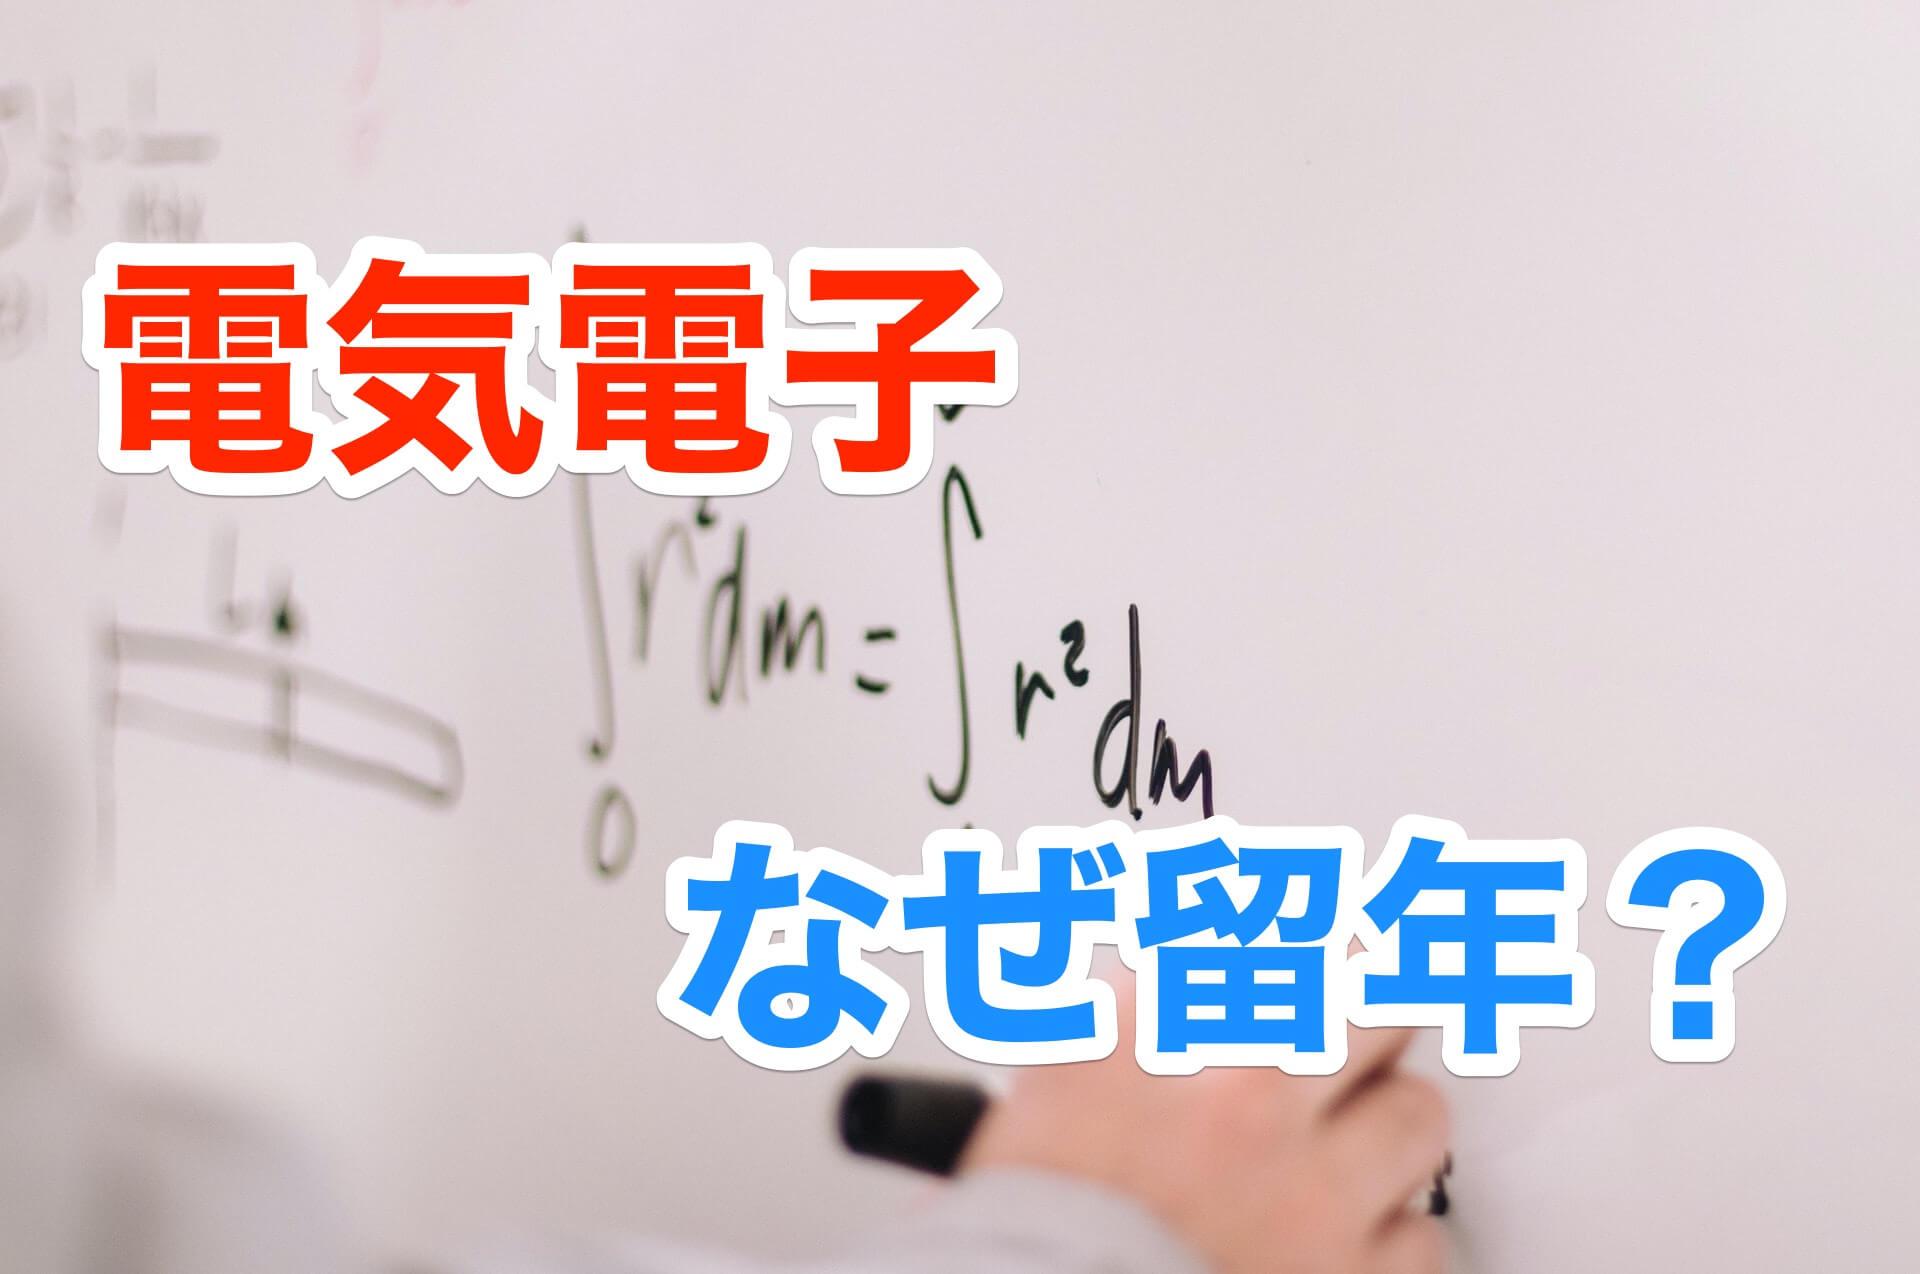 電気電子の学科はつらい?留年した理由について経験談を語る